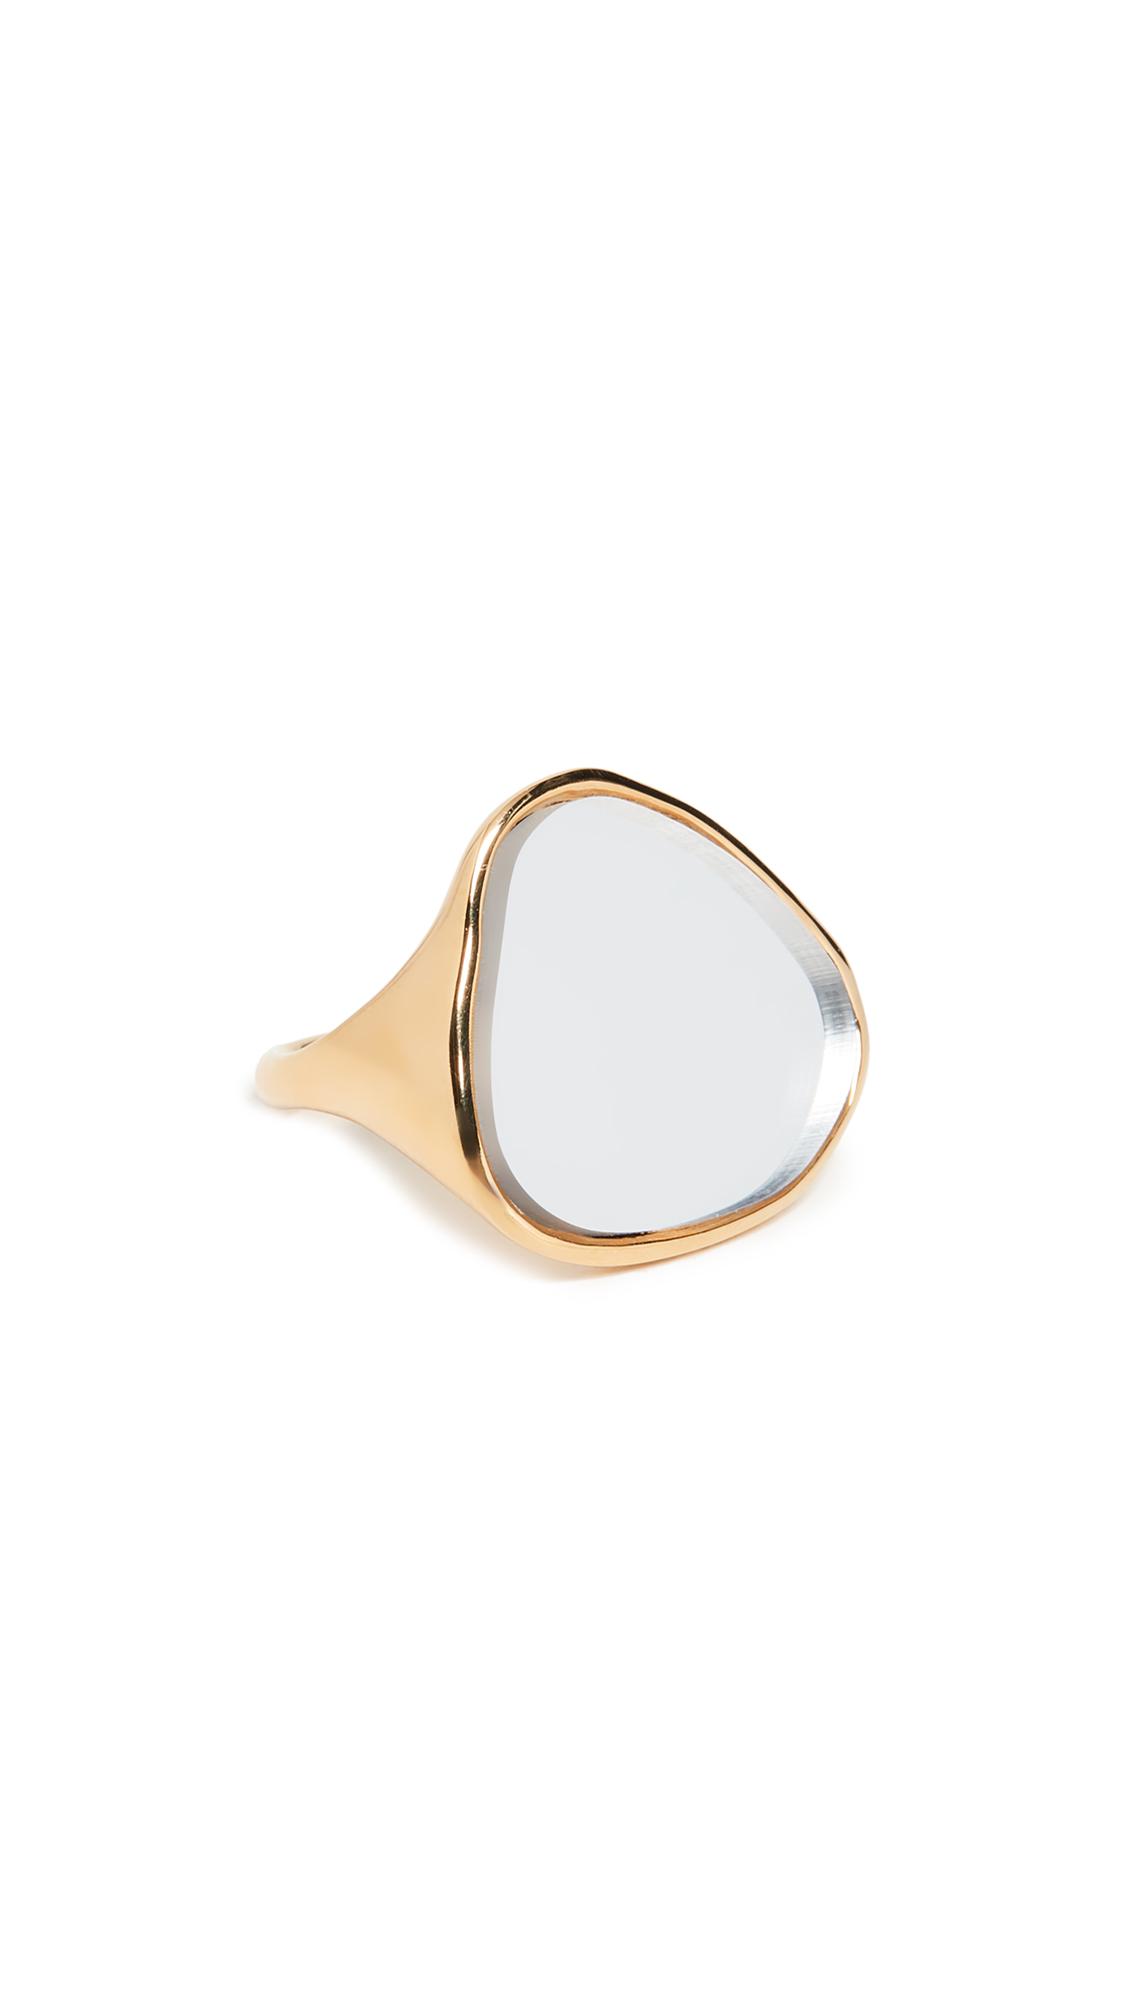 Aurelie Bidermann Ciottolo Ring - Miroir